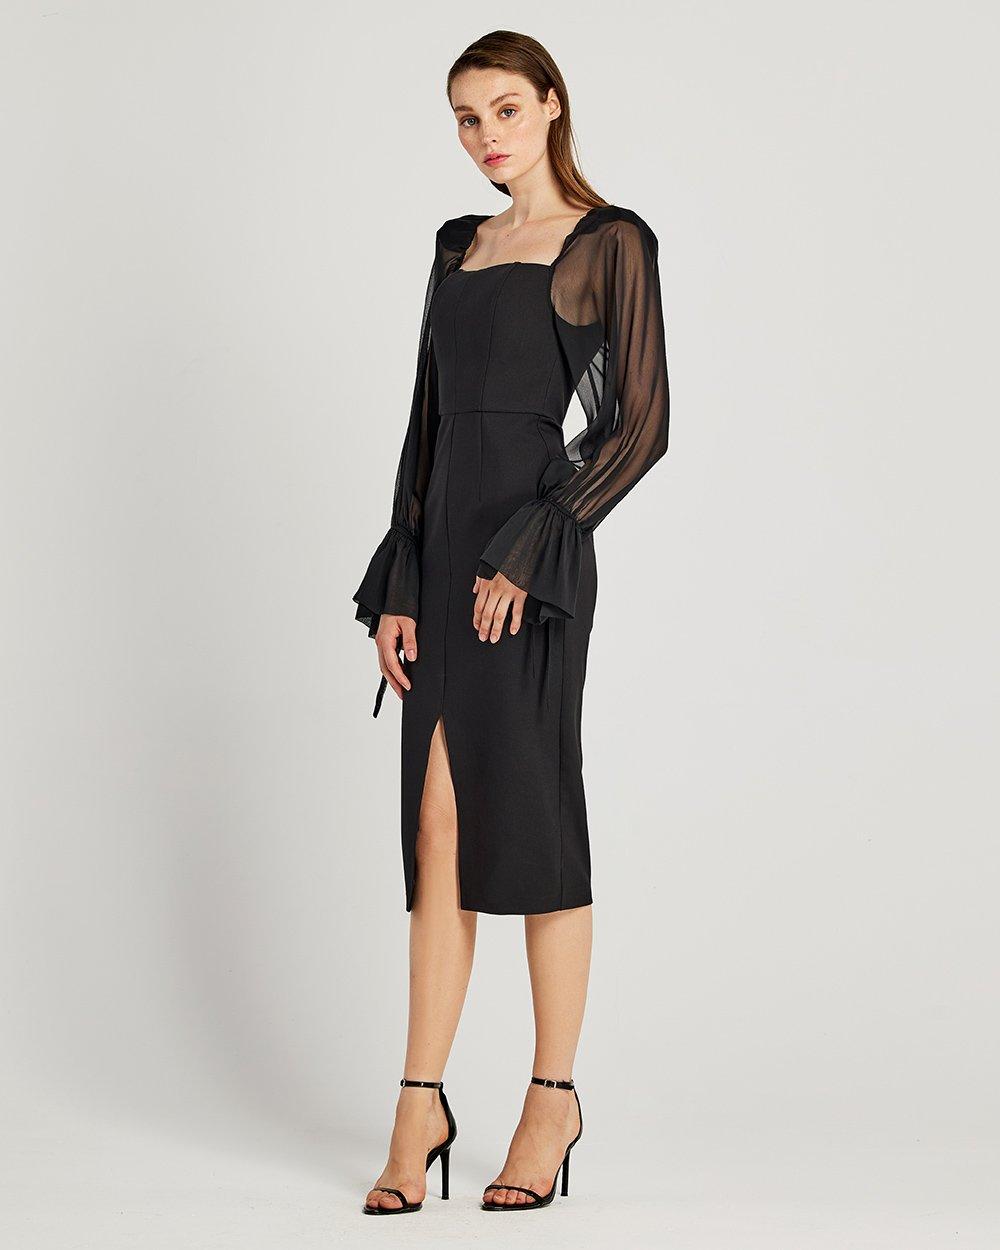 Φόρεμα pencil με διαφάνεια στα μανίκια